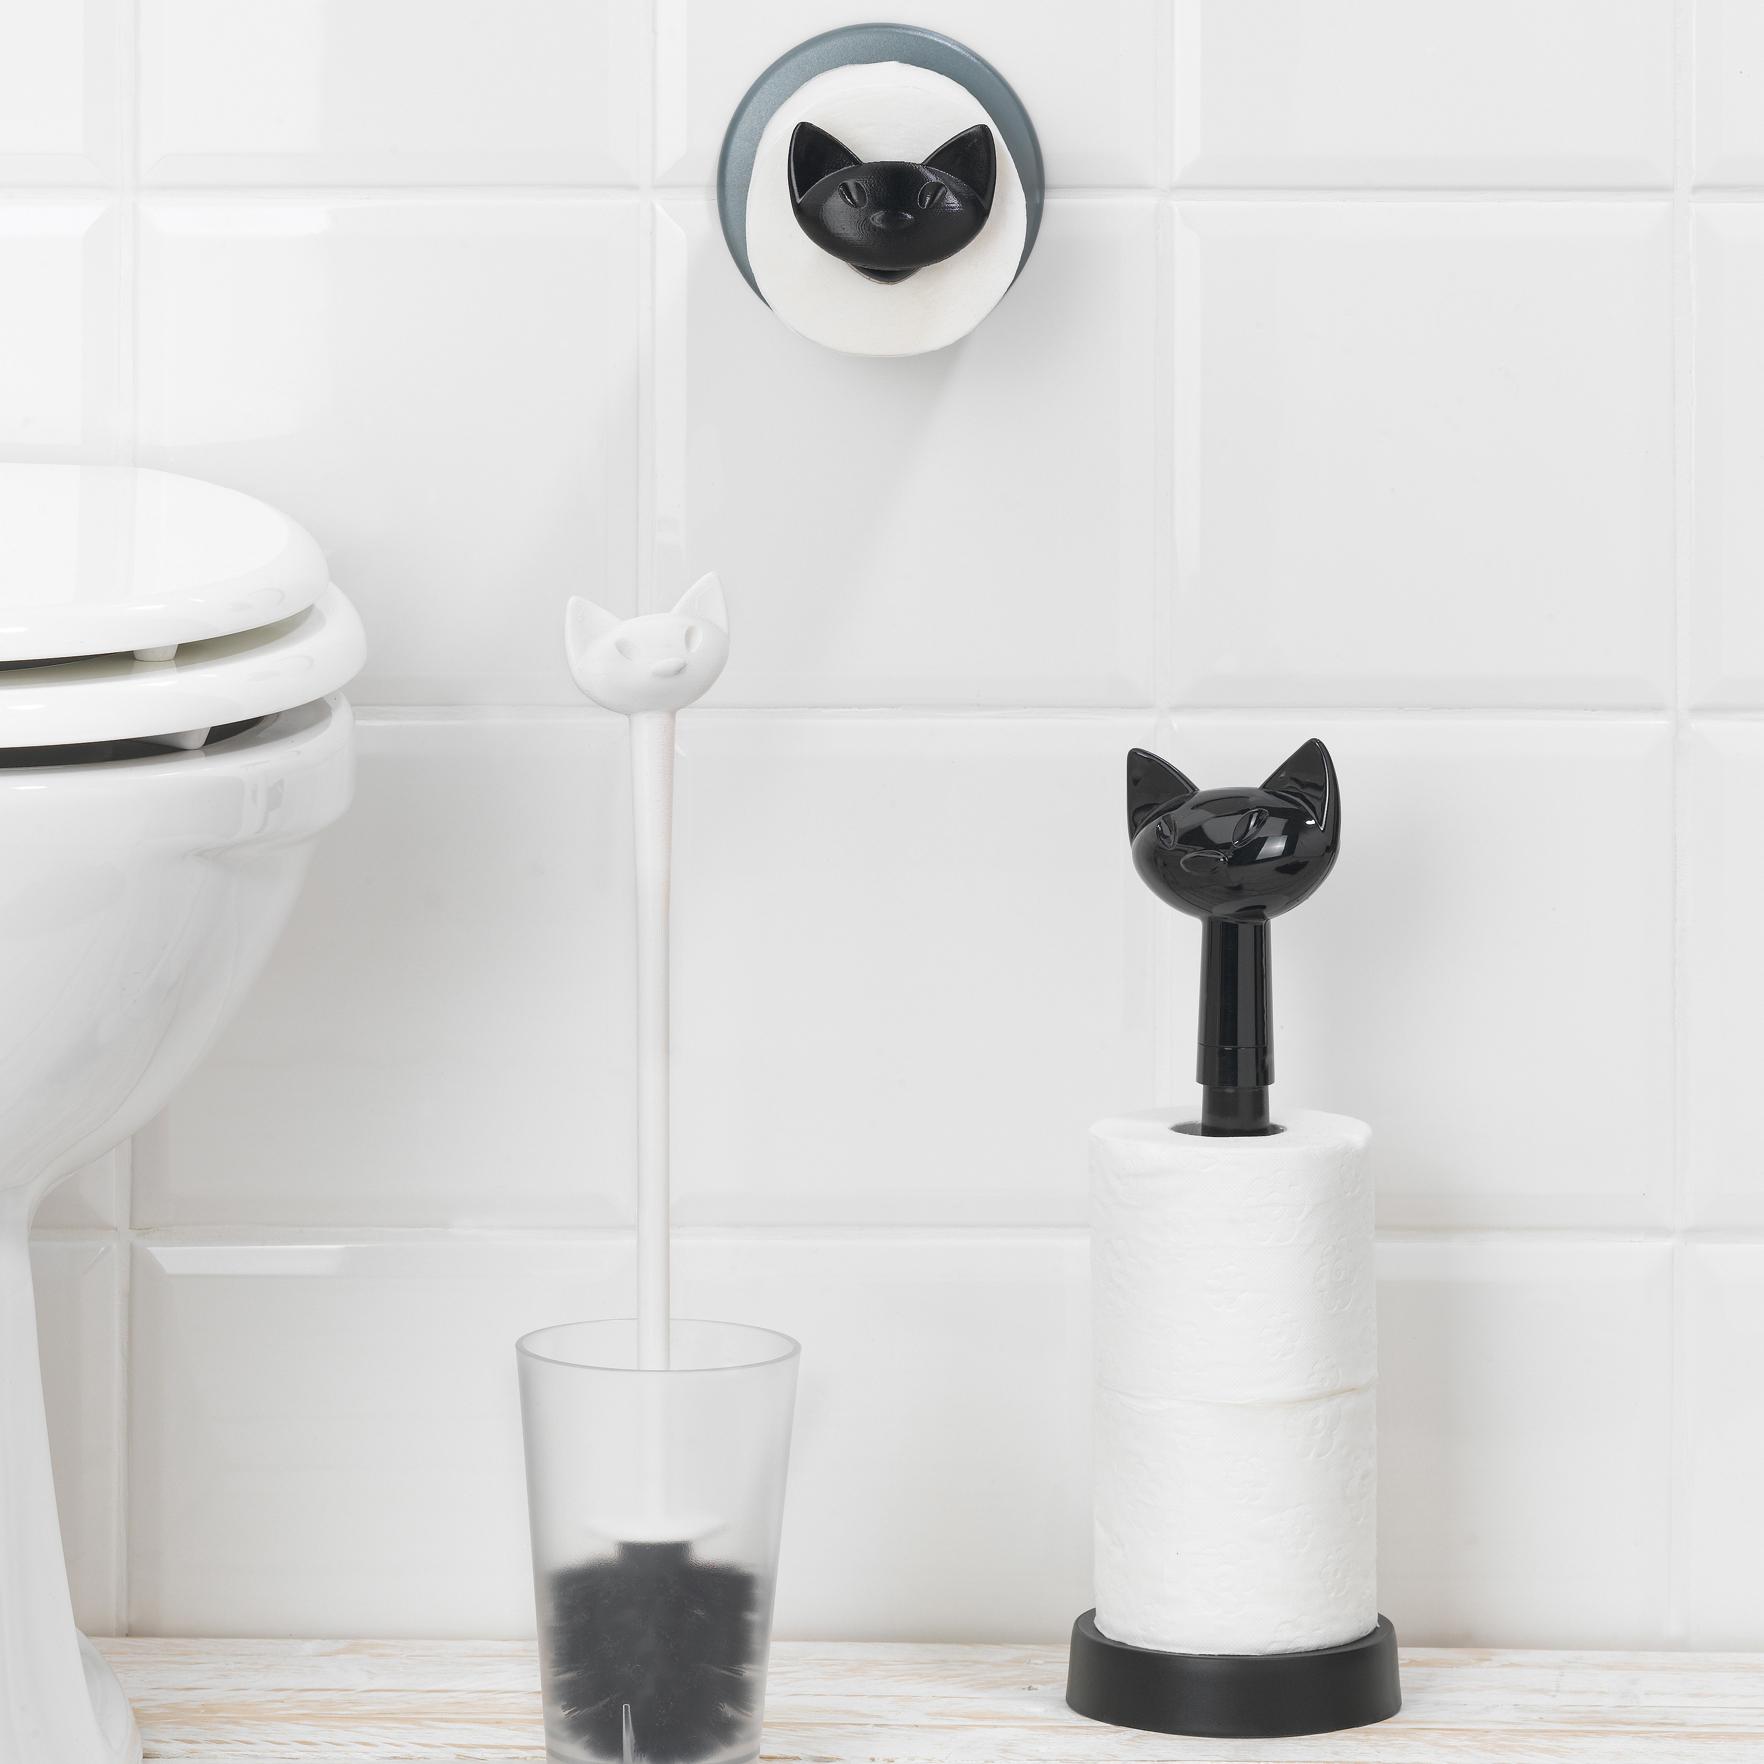 Ceramic tile toothbrush holder